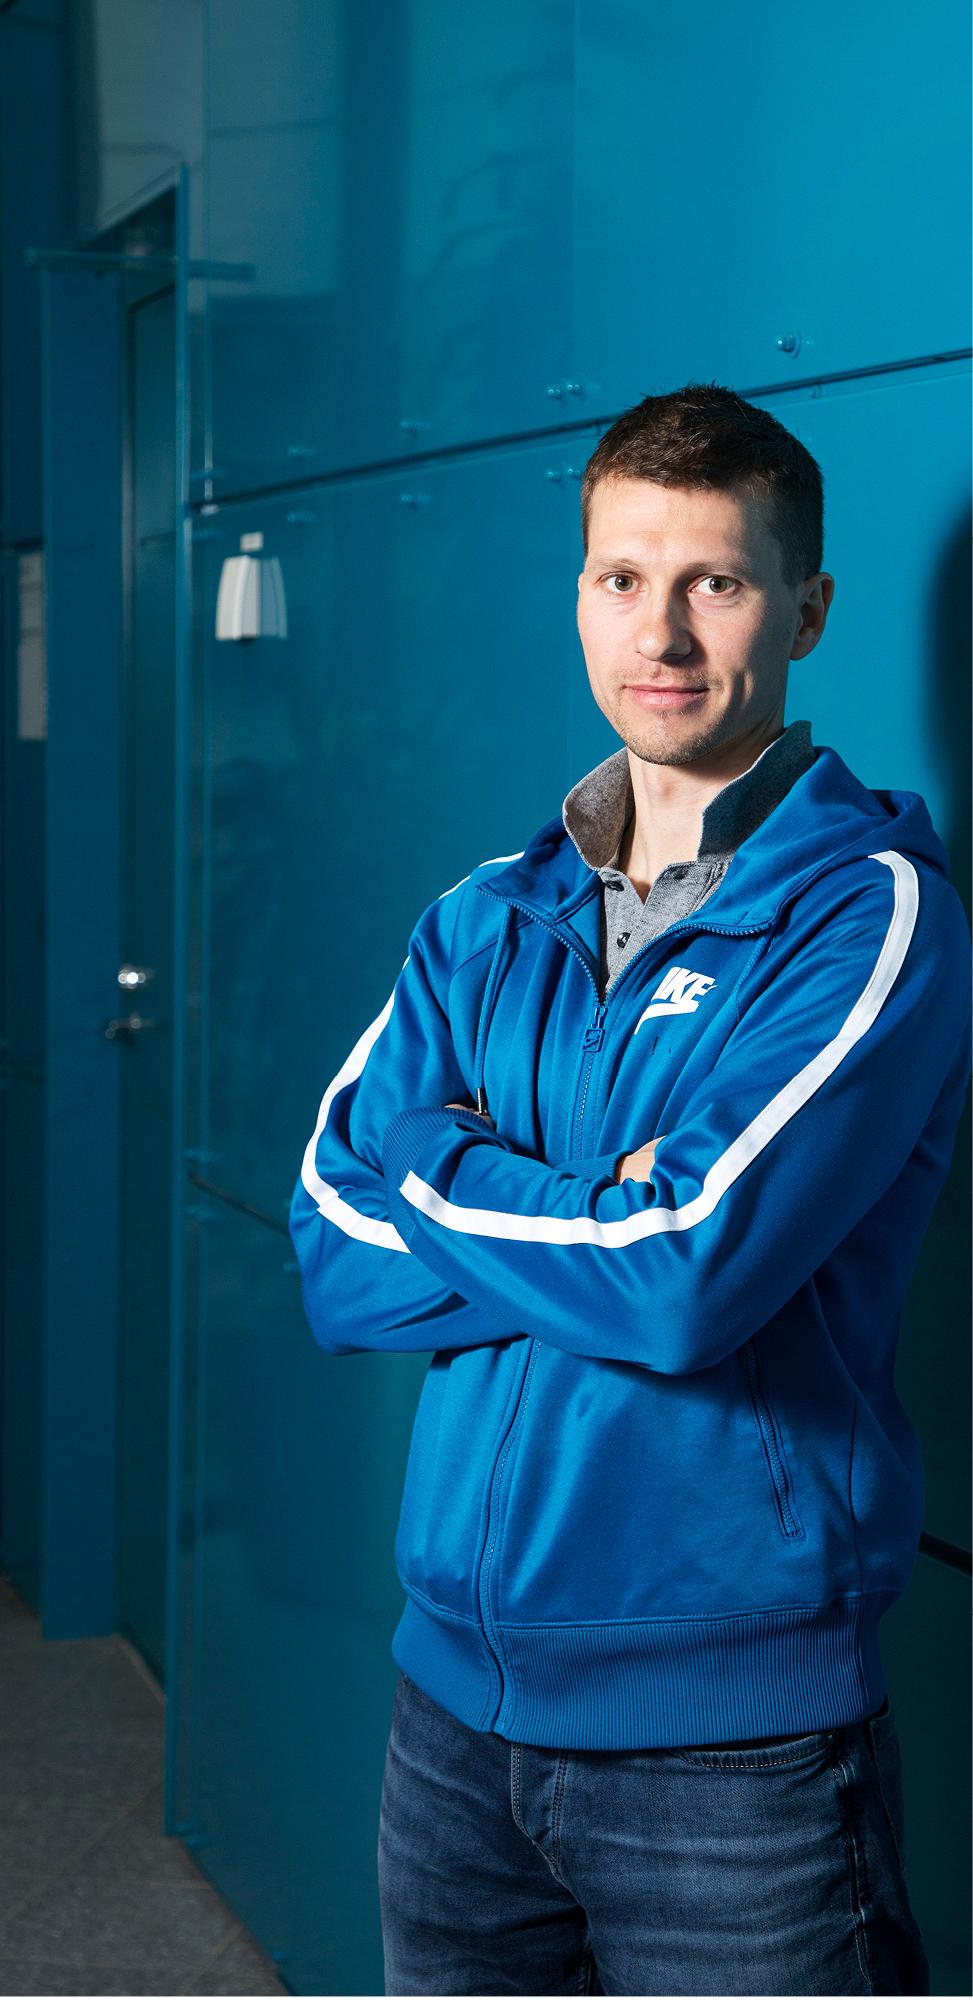 Oulun yliopiston mikroelektroniikan tutkija Jaakko Palosaari onnistui kaksinkertaistamaan kantapään alle piilotetun energiankeräimen sähköntuoton.